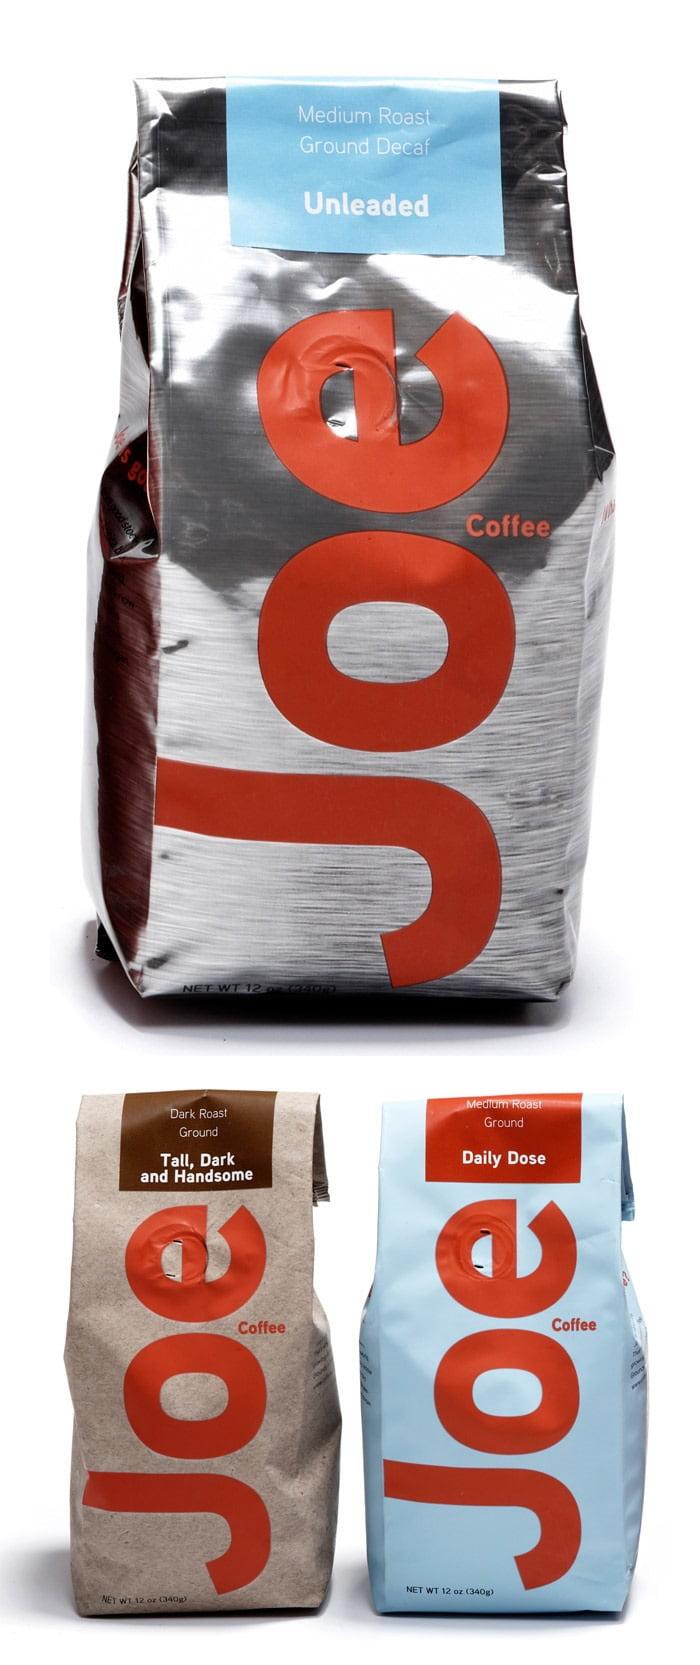 Dizajn ambalaže za kafu: 20 inspirativnih primera – Joe